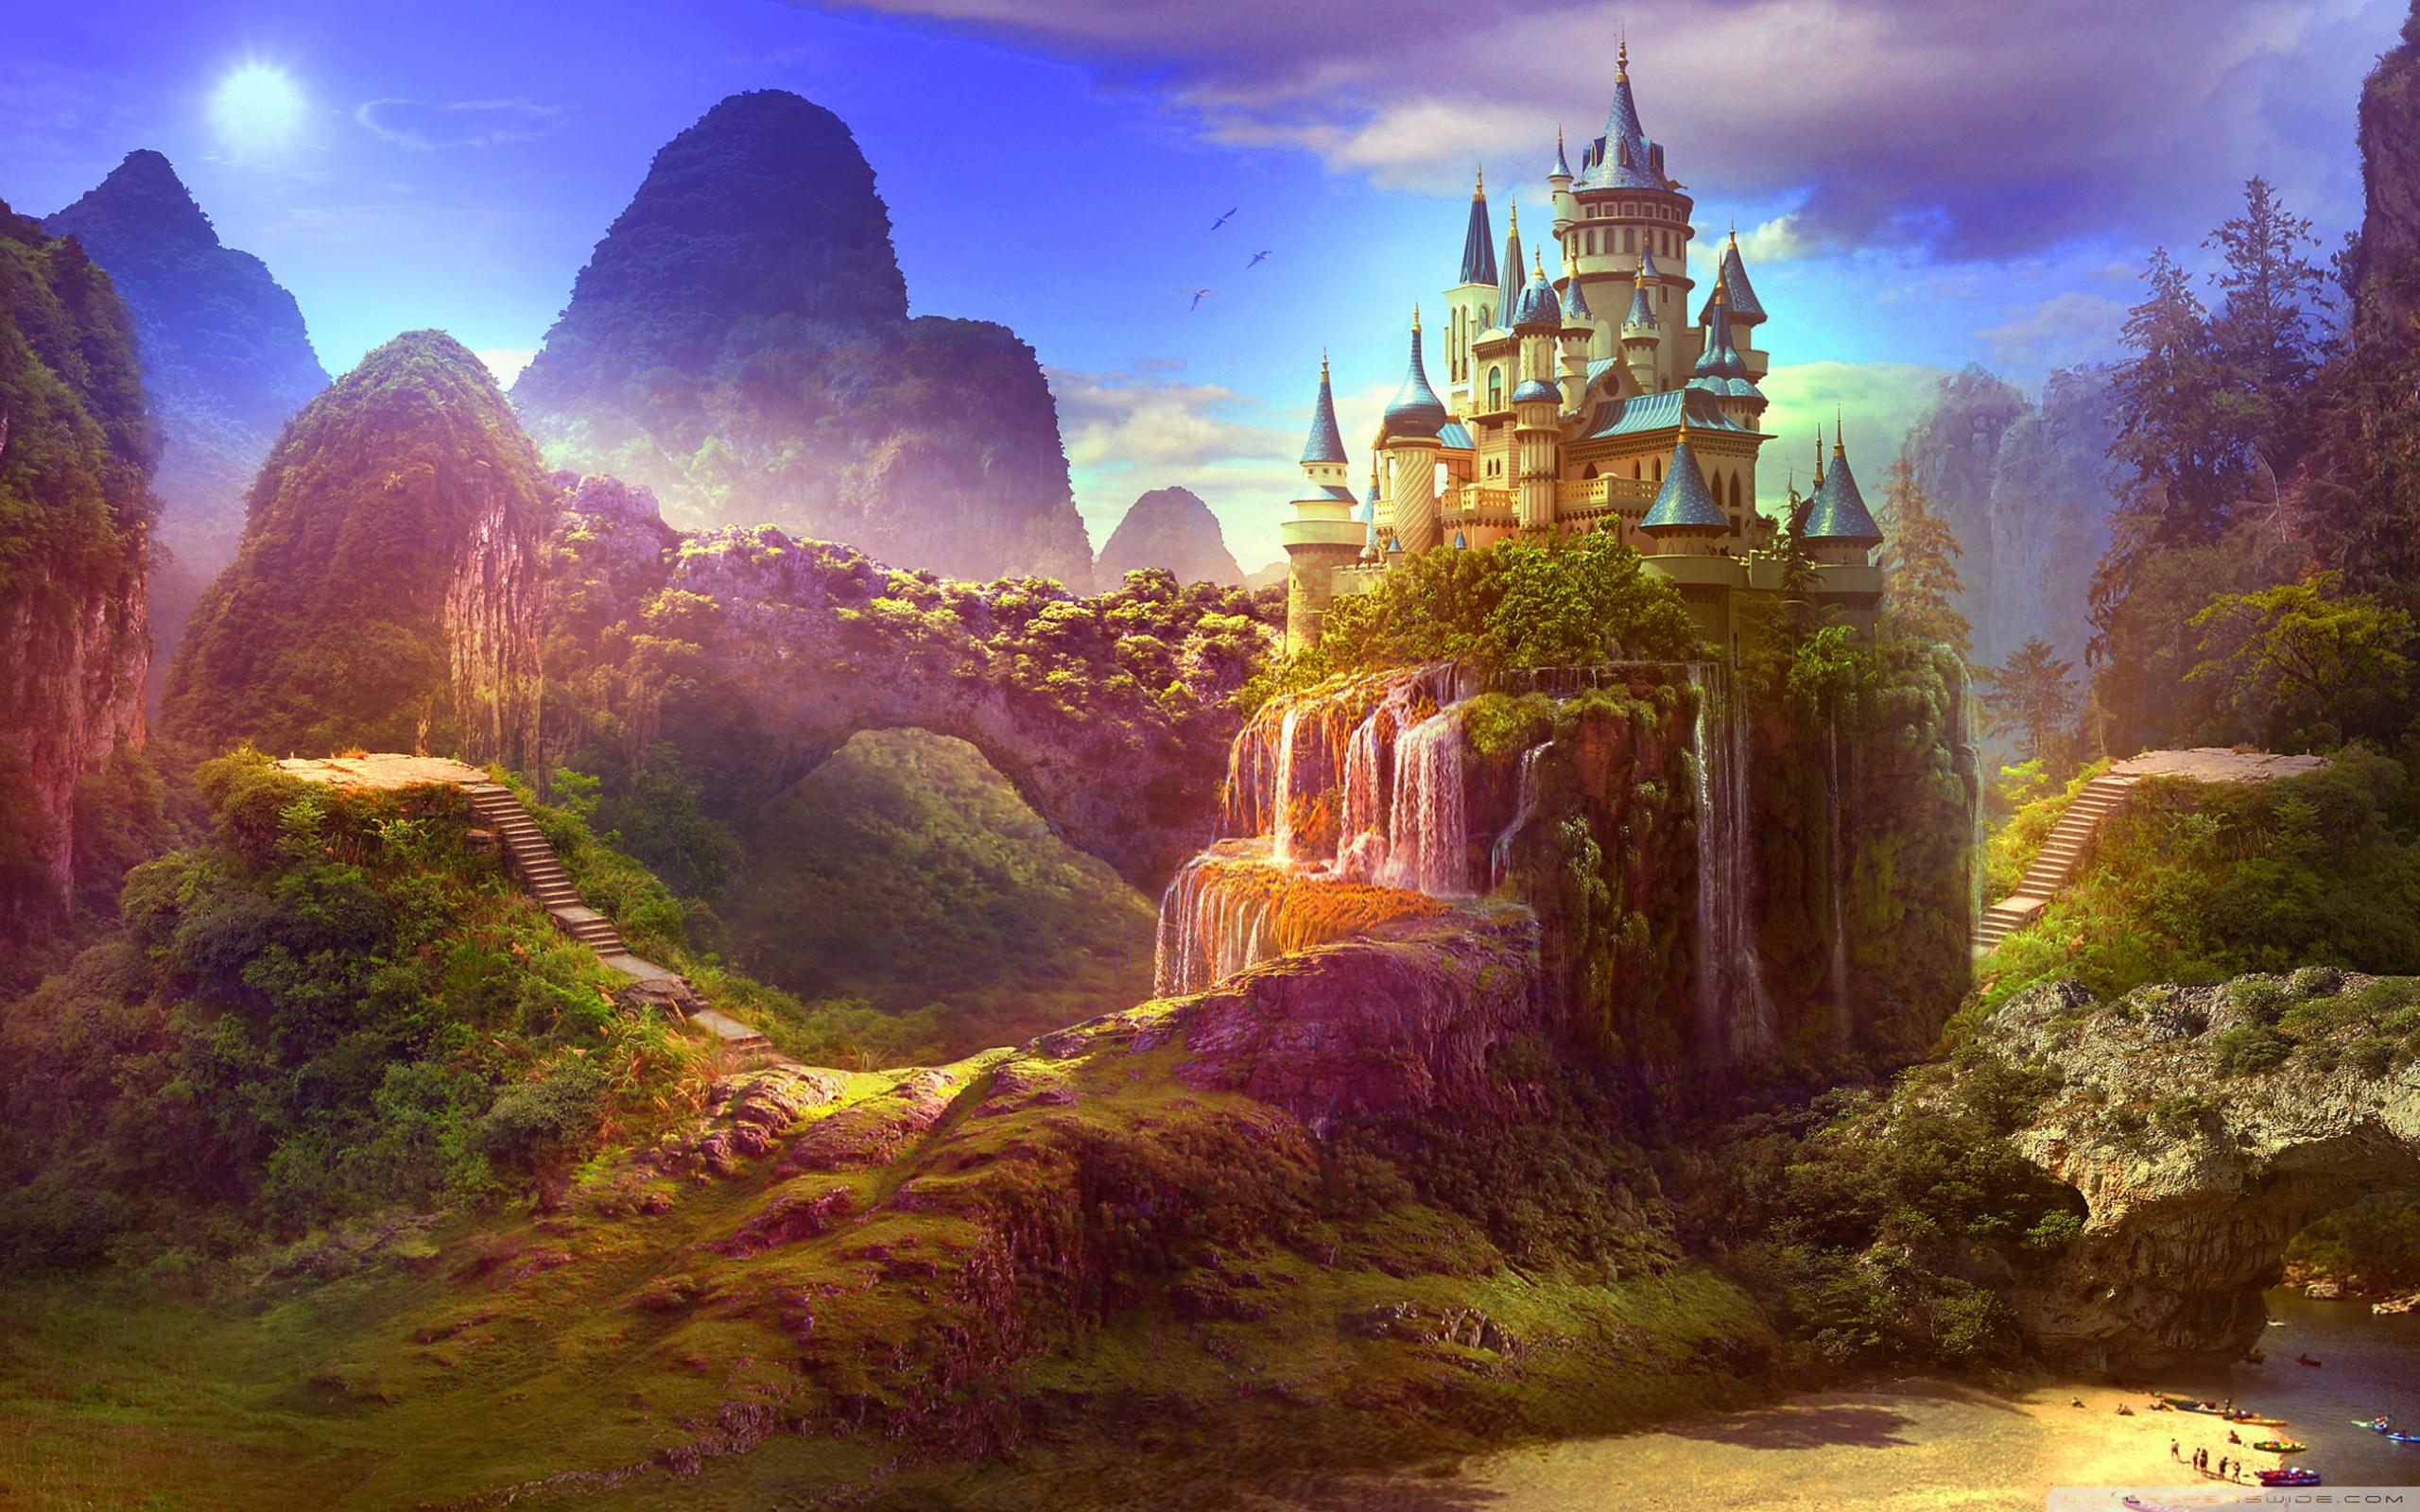 fairytale_castle-wallpaper-2560×1600-1